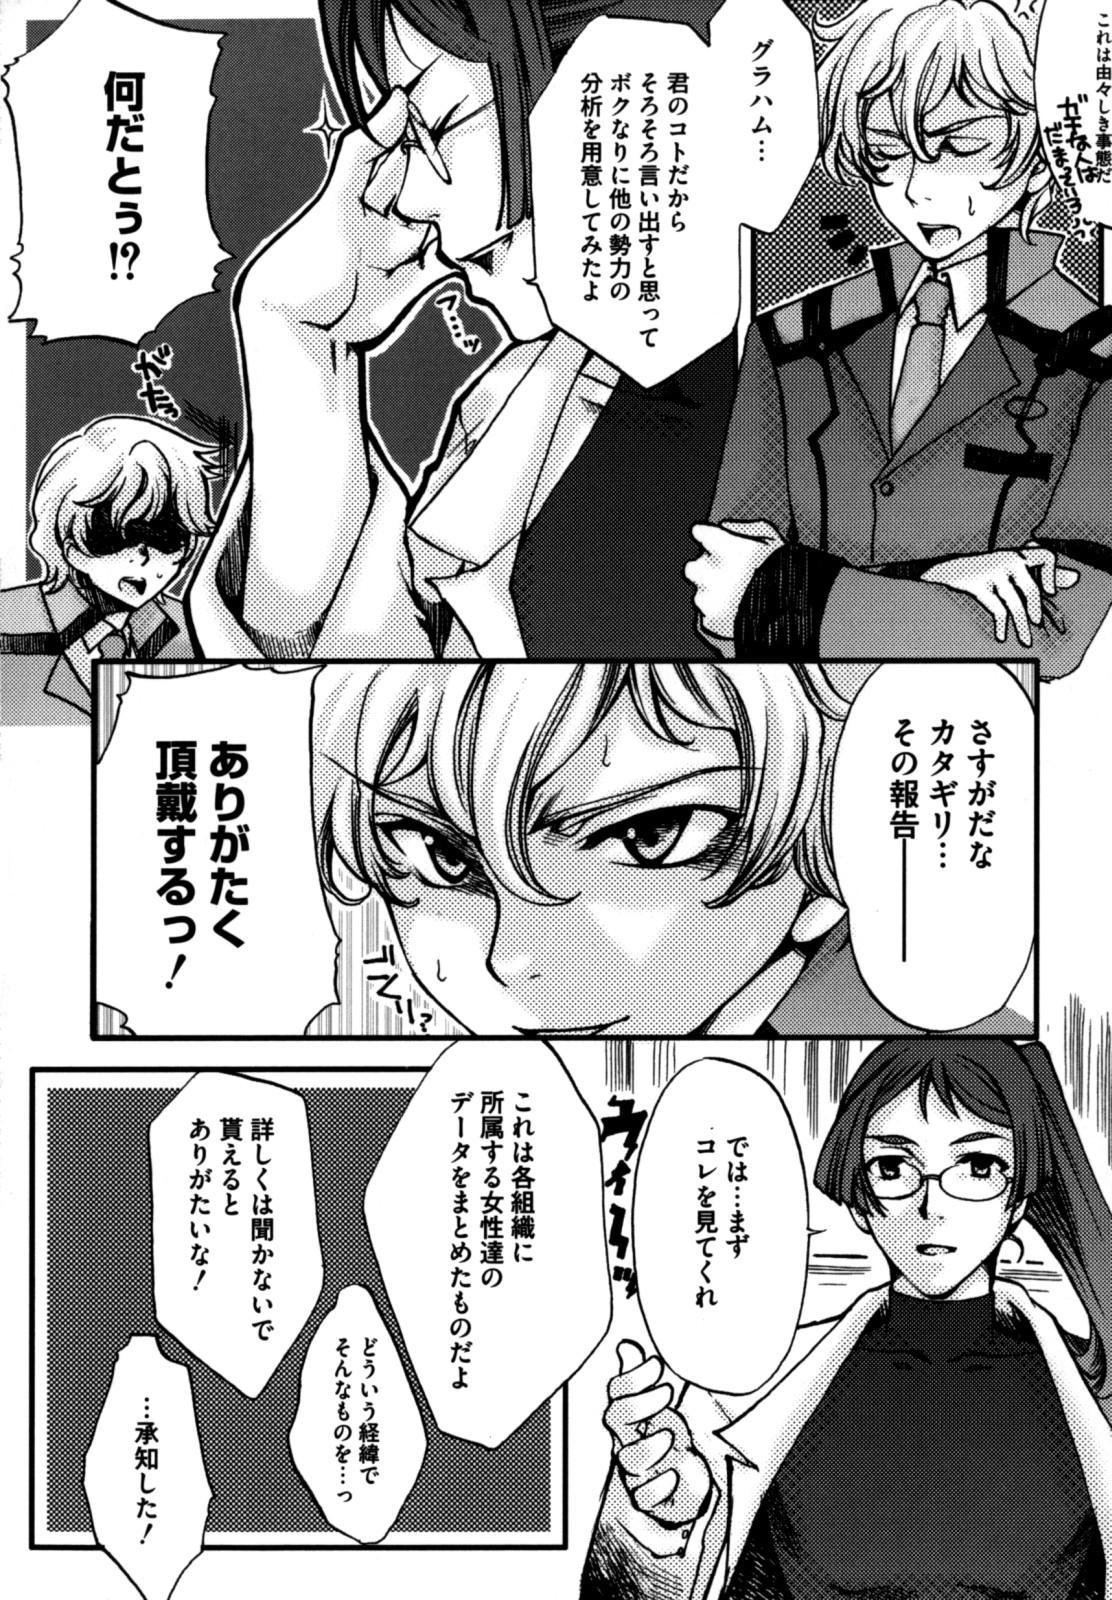 Shikijou no Erosu 137